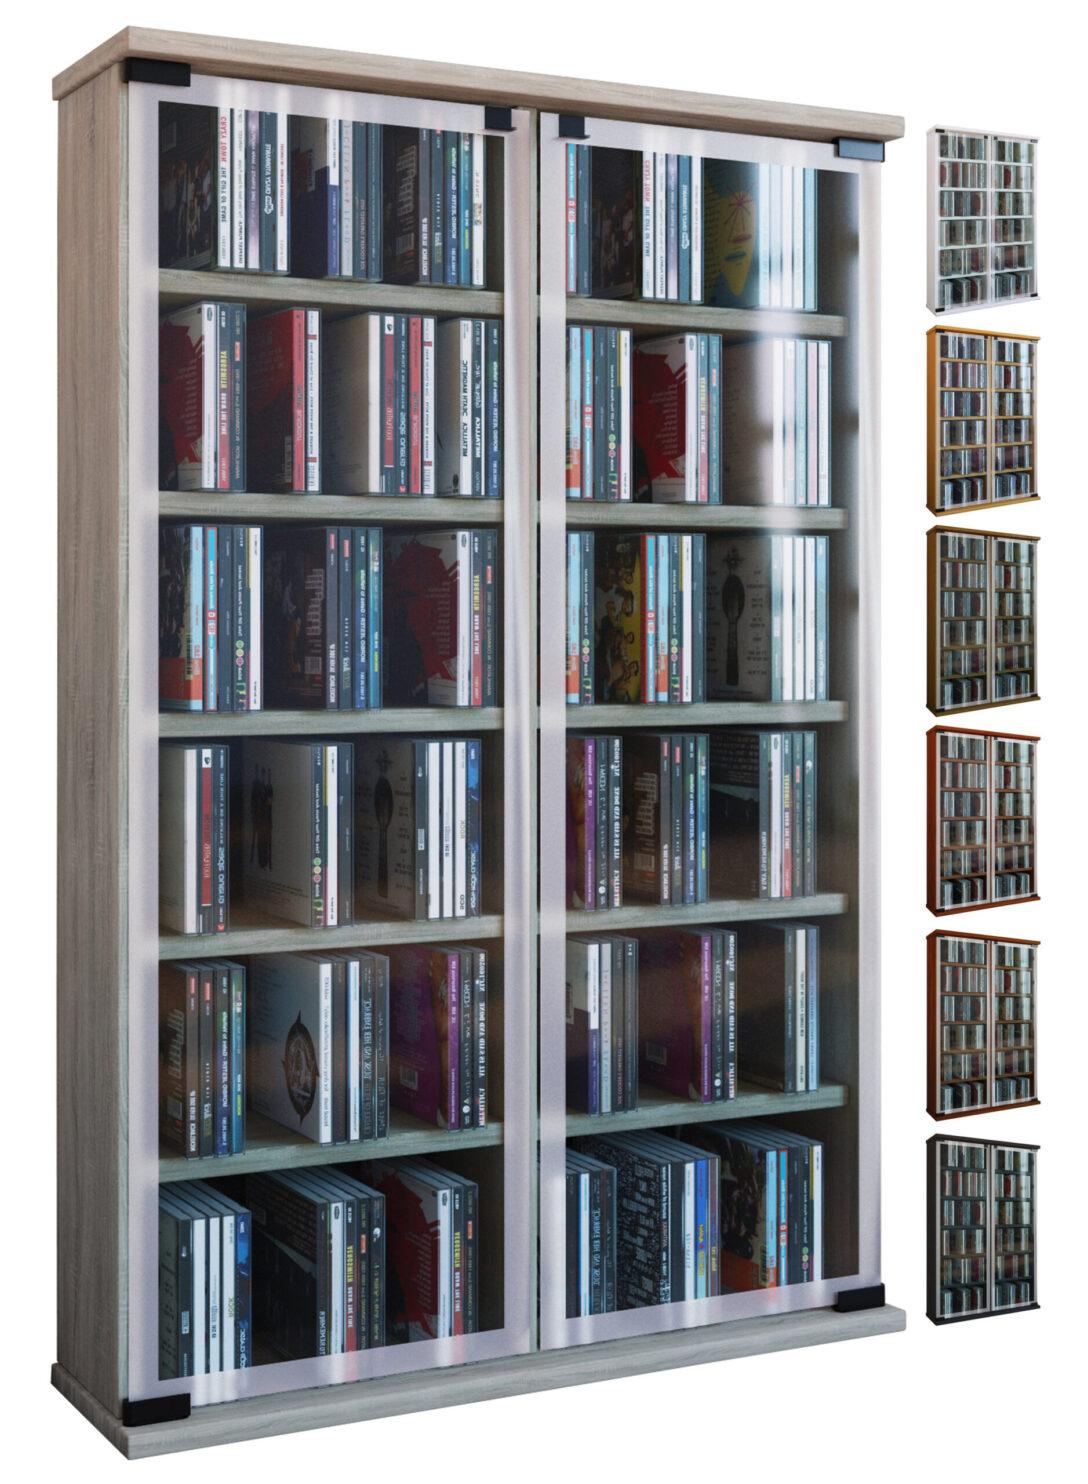 Large Size of Regal Kaufen Sofa Online String Pocket Regale Metall Blu Ray Holzregal Küche Schlafzimmer Wein Garten Pool Guenstig Günstig Babyzimmer Paschen Amazon Obi Regal Regal Kaufen